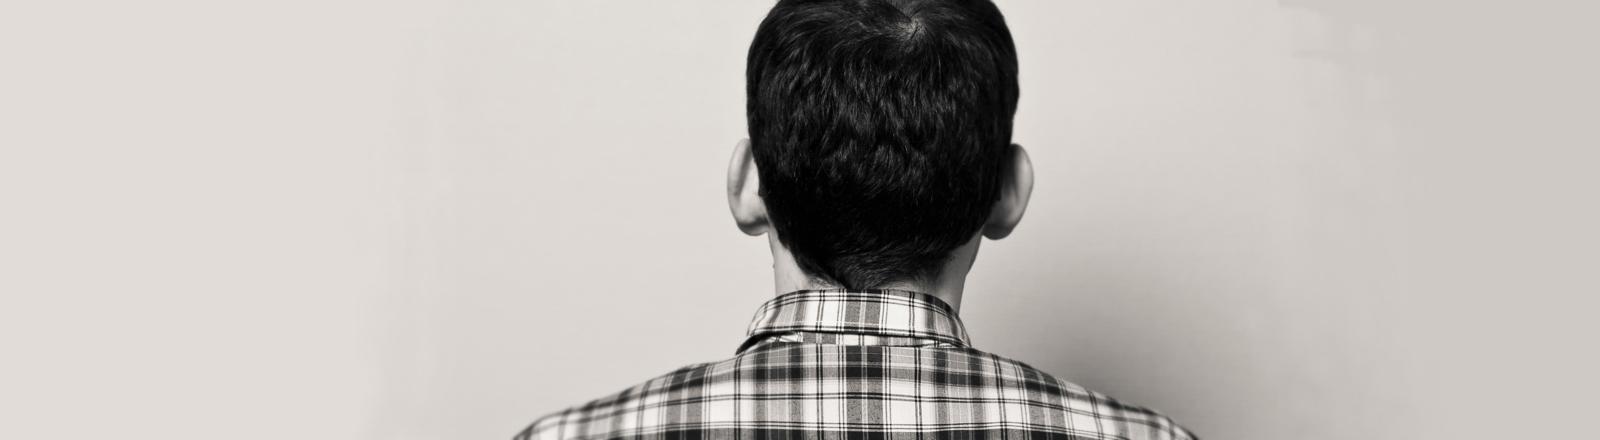 Ein Mann dreht den Rücken zu